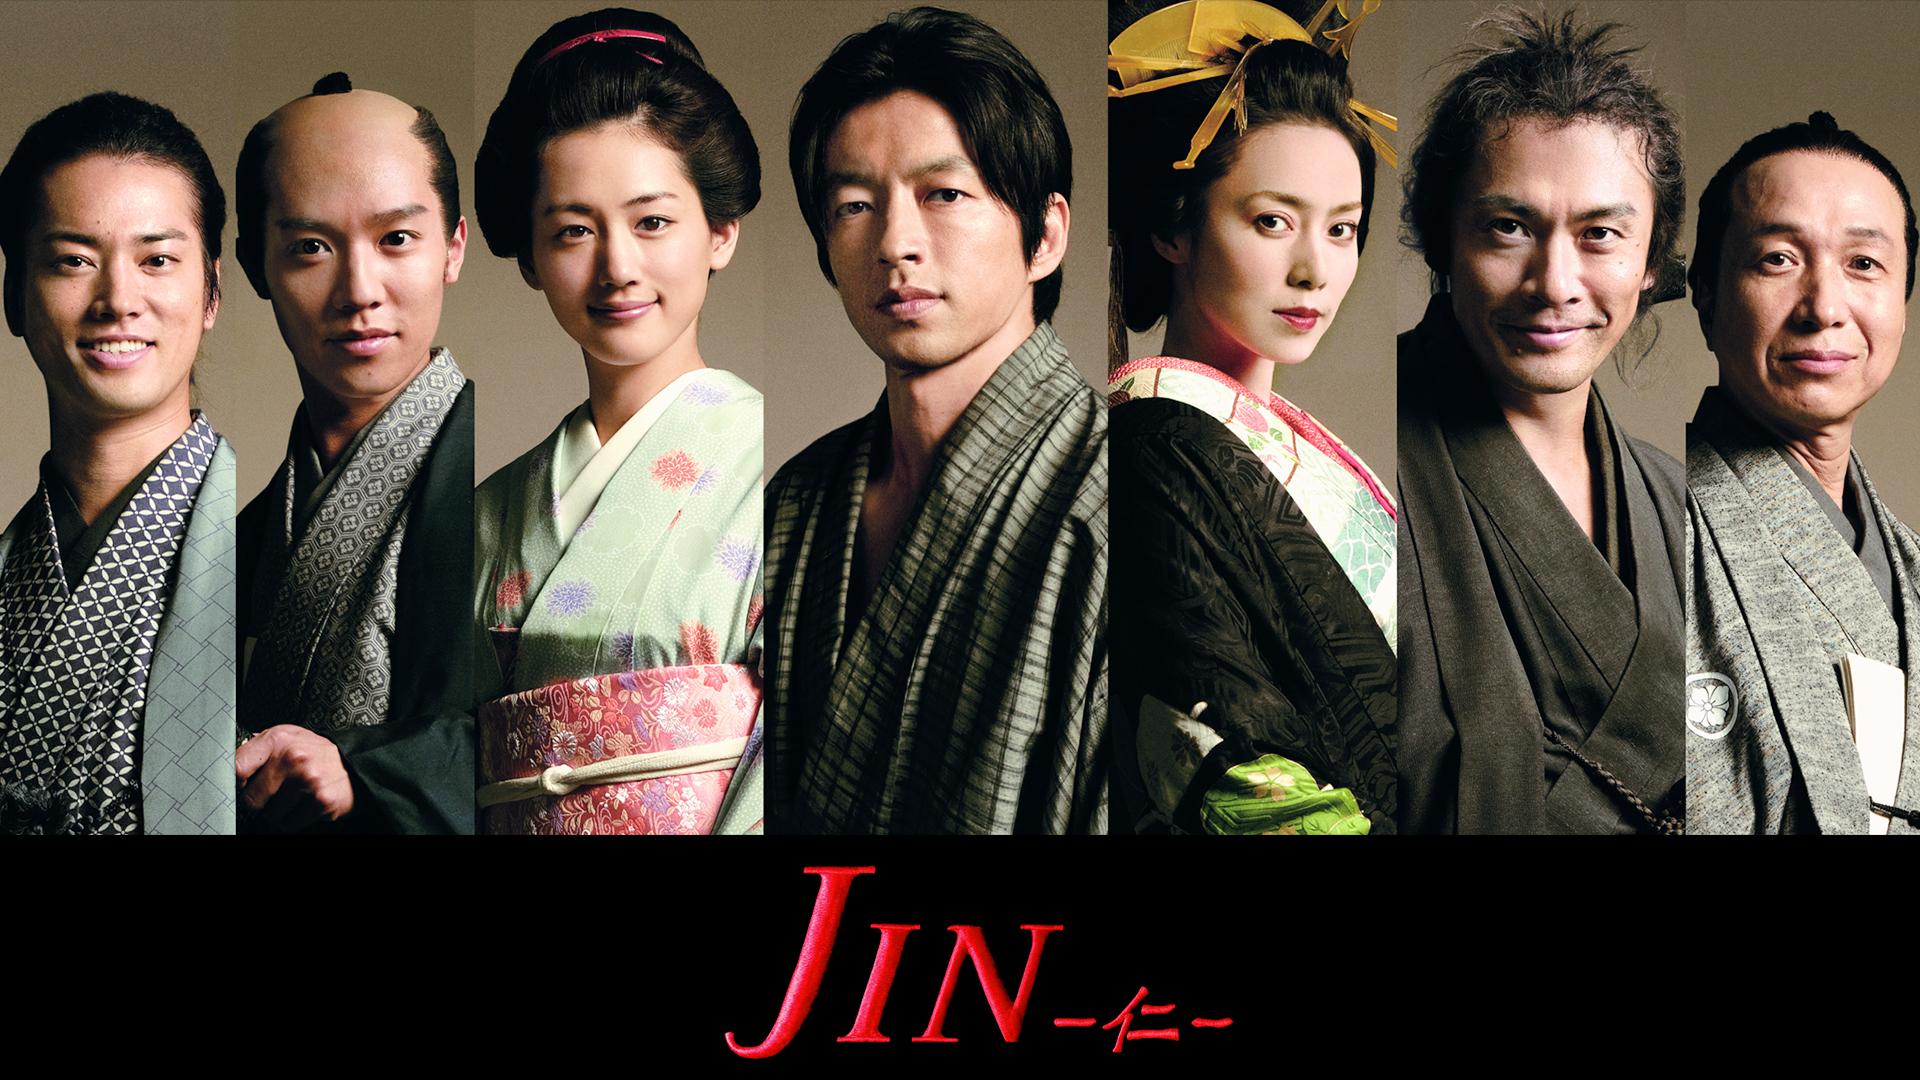 ドラマ『JIN 仁』無料動画!フル視聴を見逃し配信で!第1話から最終回・再放送まとめ